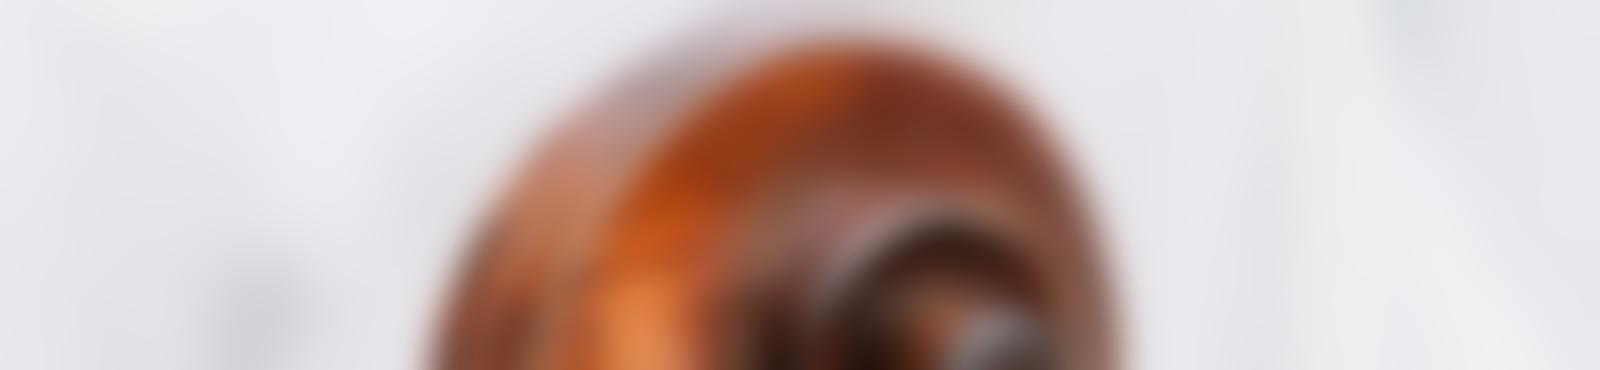 Blurred 100e7f5a d1b7 4403 bdc5 8e46b0caa639